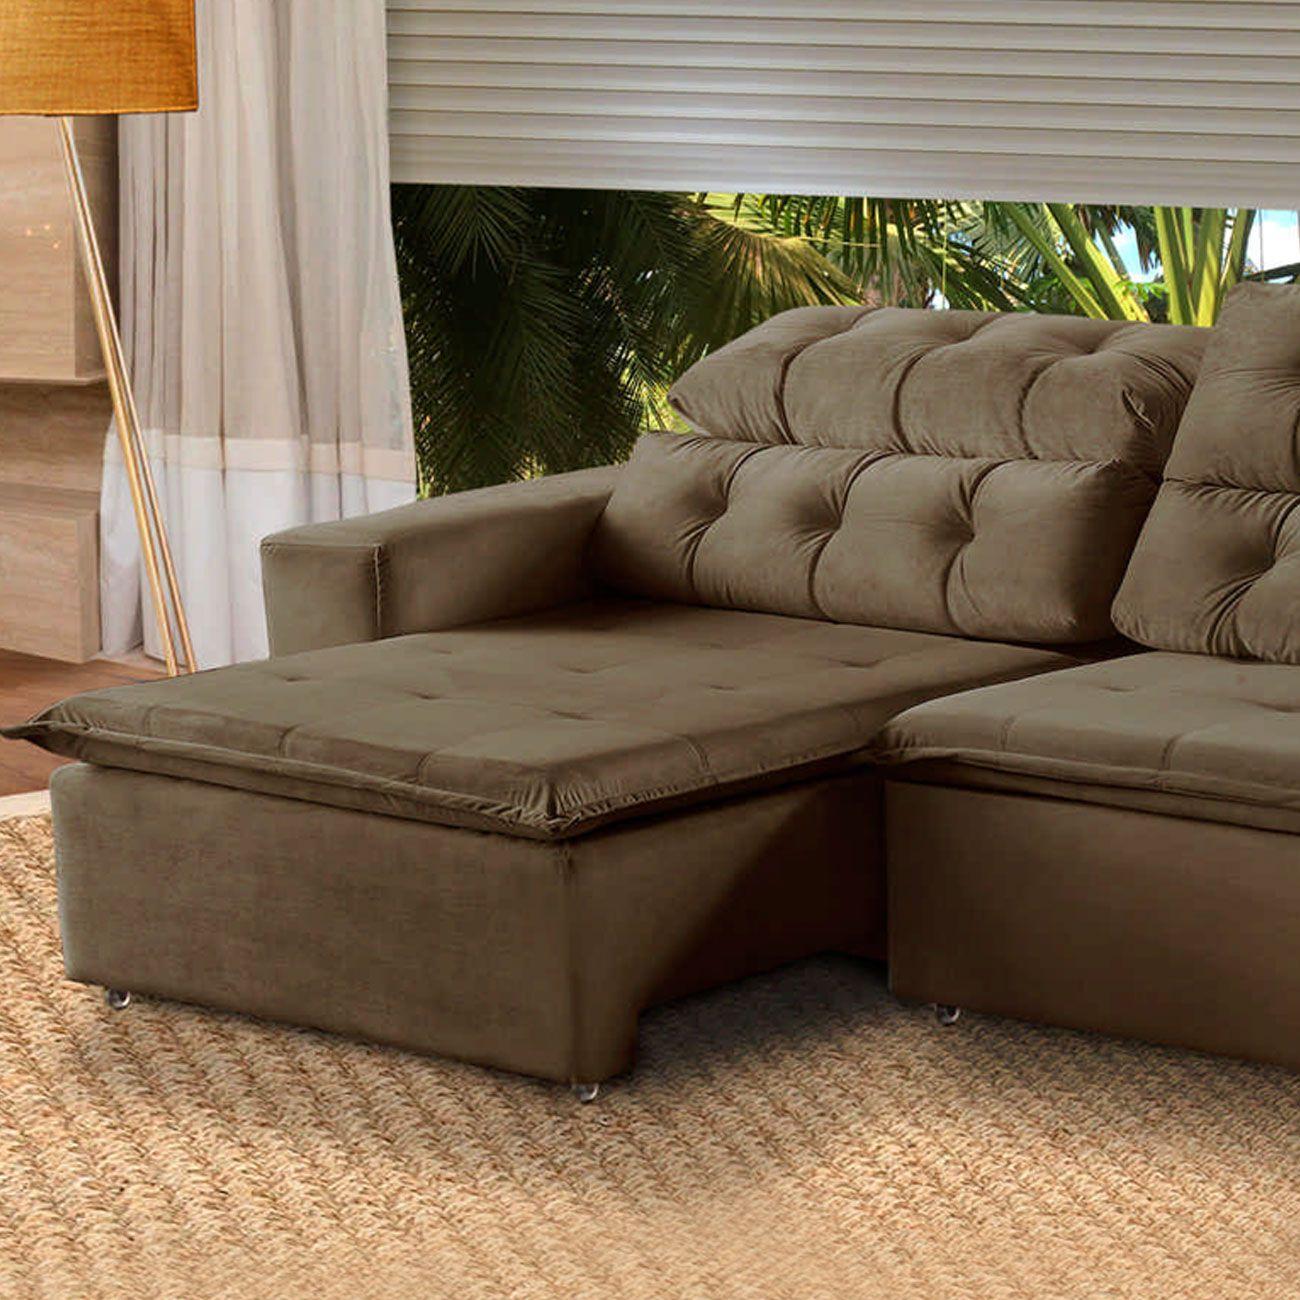 Sofá 4 Lugares Retrátil e Reclinável Alasca 230 Cm Pillow Veludo Marrom512 MegaSul